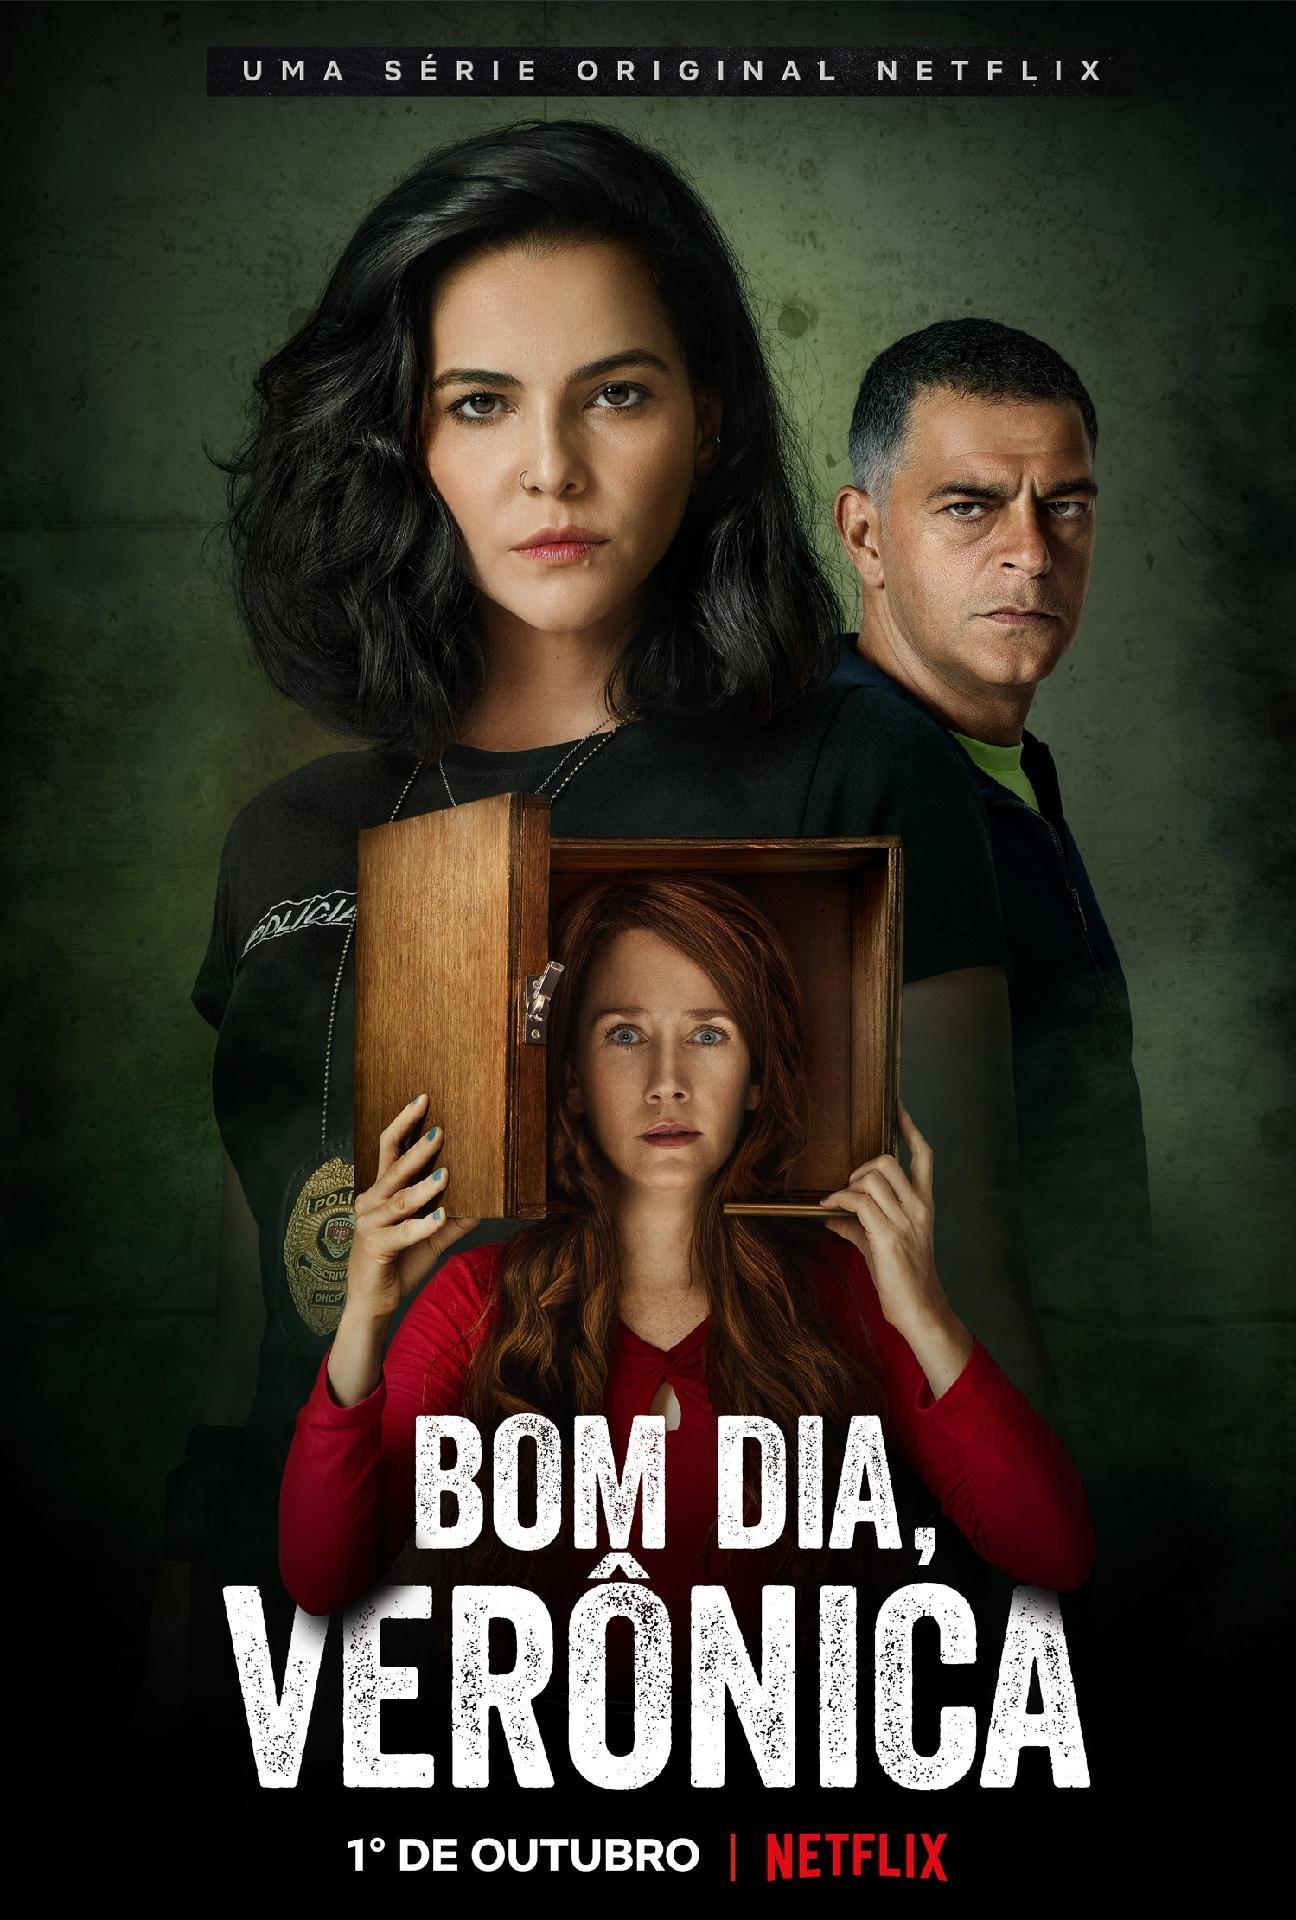 Bom Dia, Veronica': Adaptação ganha teaser e data de estreia na Netflix - Entretenimento - BOL